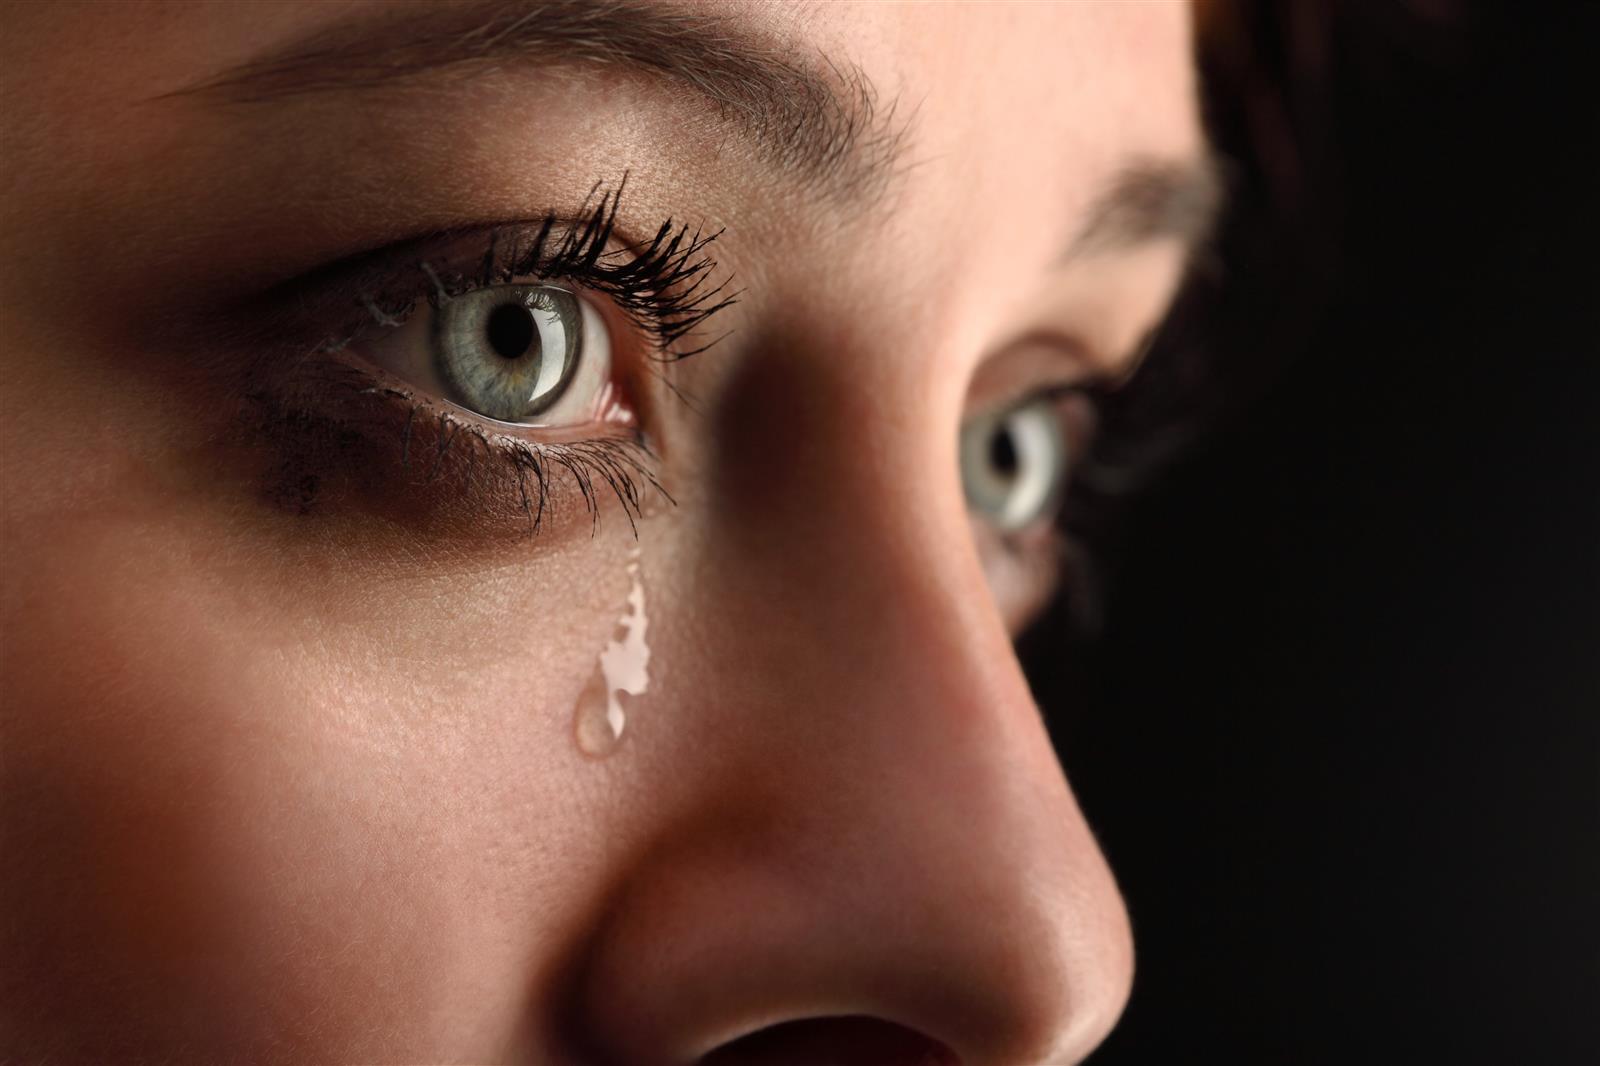 صور صور حزن وبكاء , رمزيات حزن و الم للفيس بوك